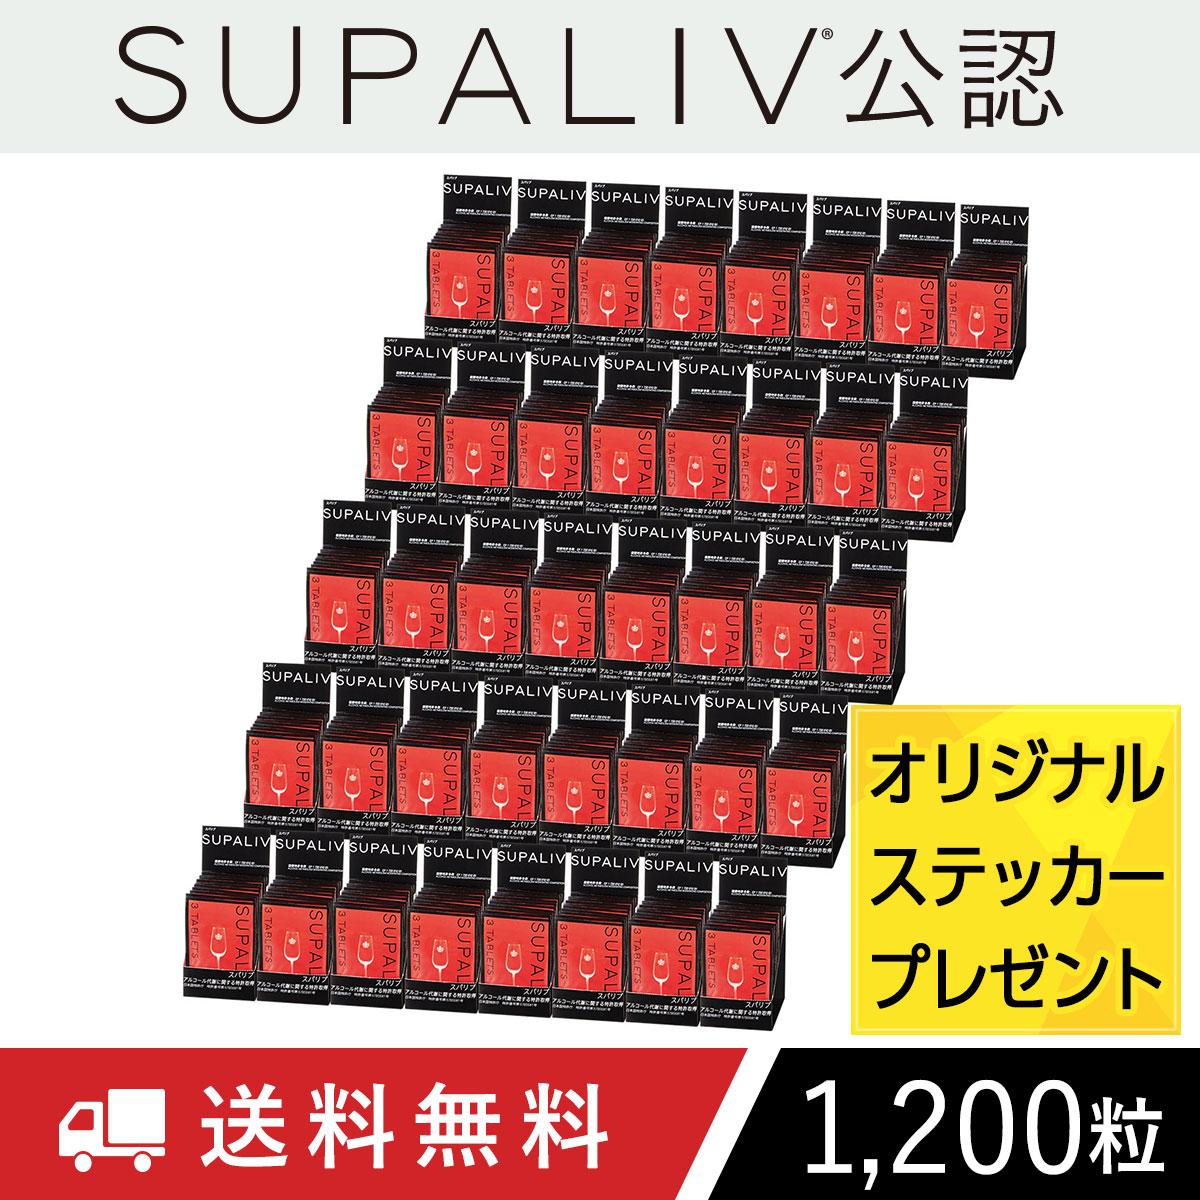 【オリジナルステッカープレゼント】スパリブ(SUPALIV) 3粒入400袋